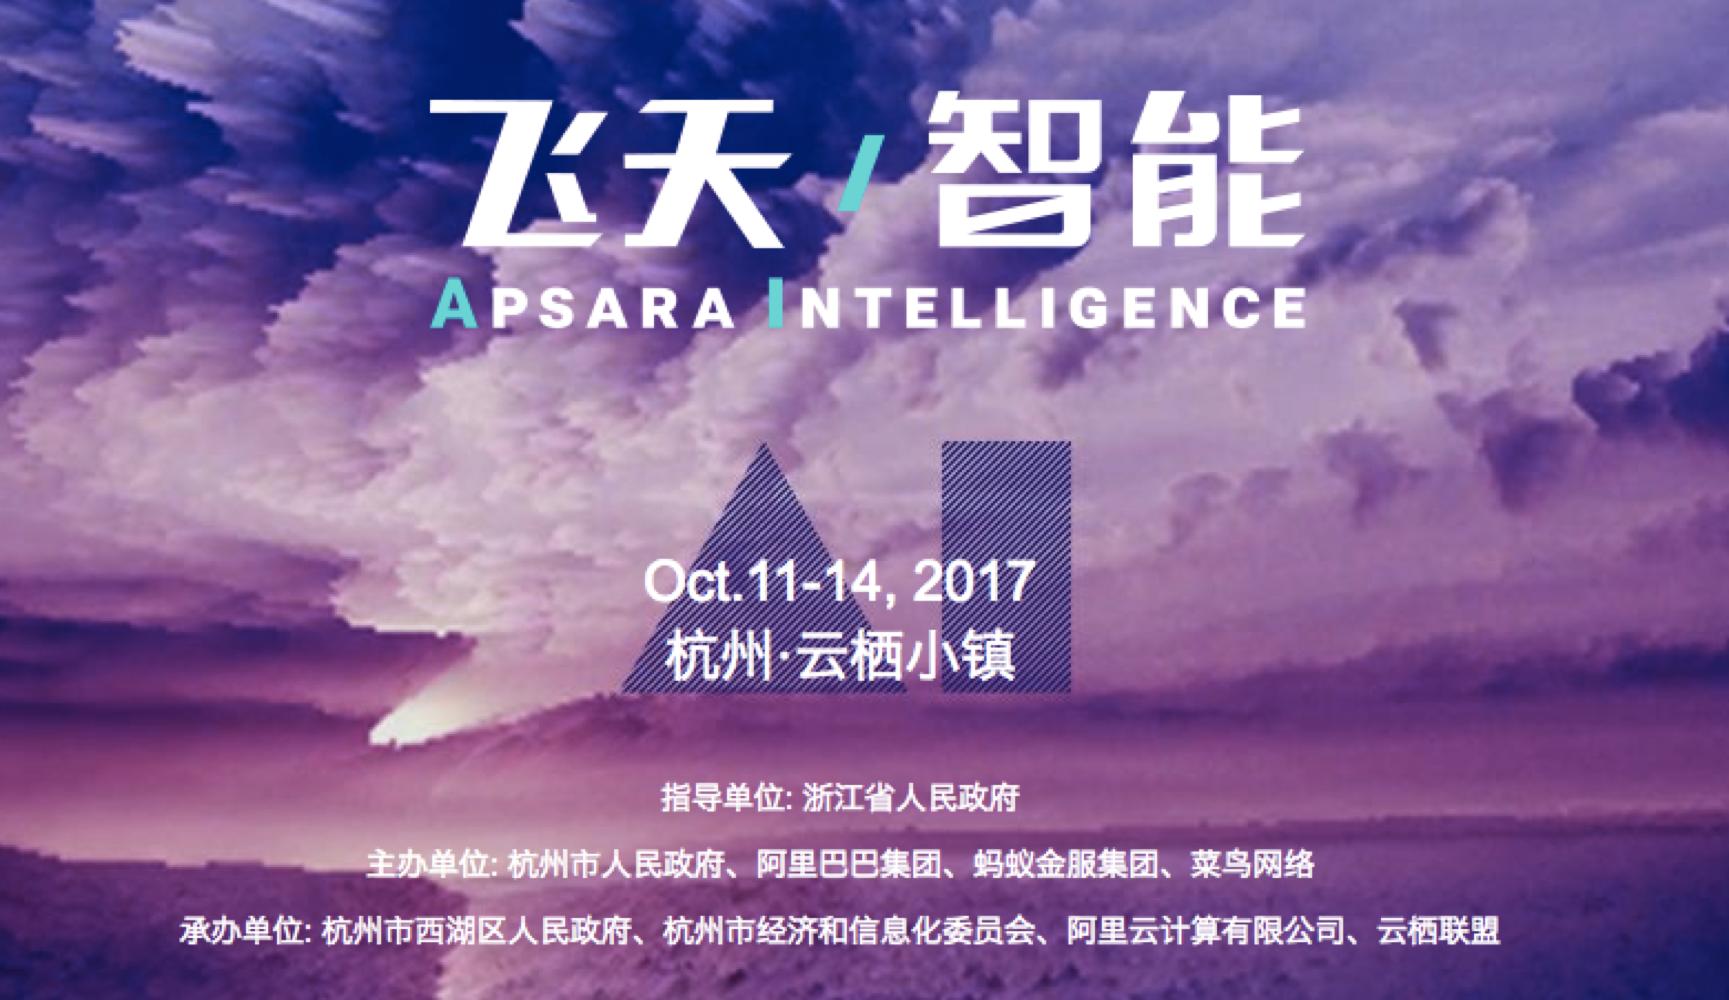 人工智能程序_不管人工智能和云计算发展如何,程序员受益最大 - OSCHINA